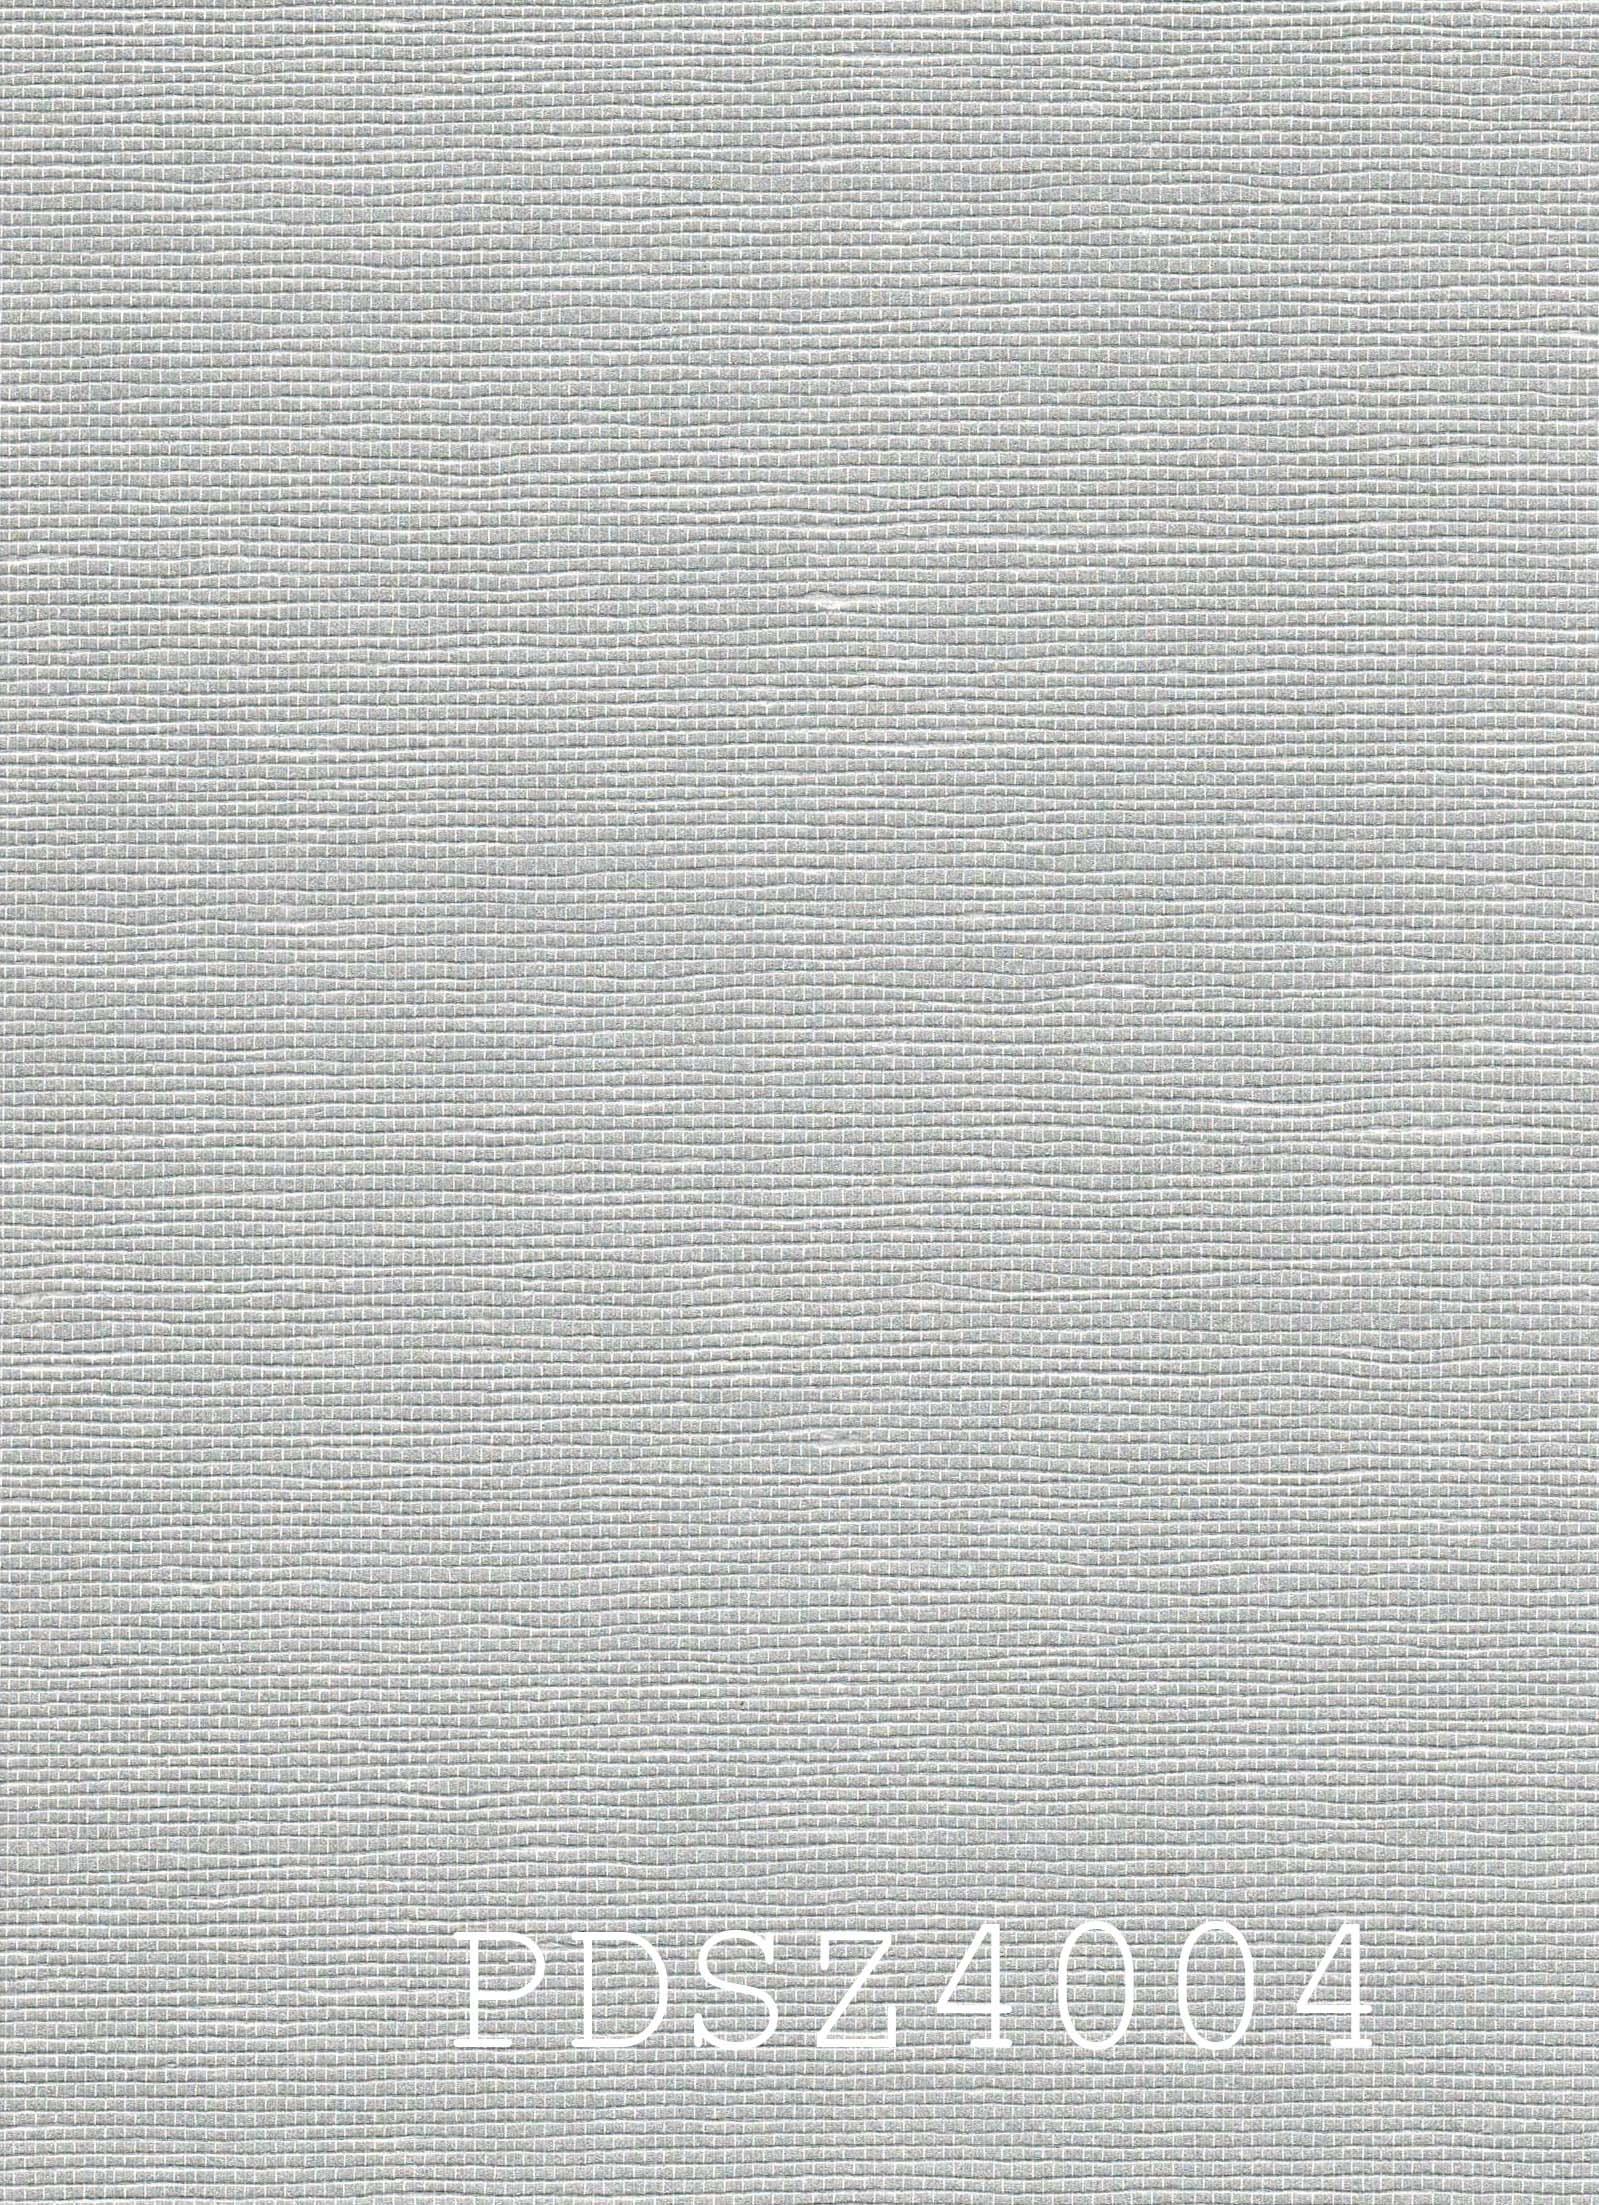 PDSZ4004